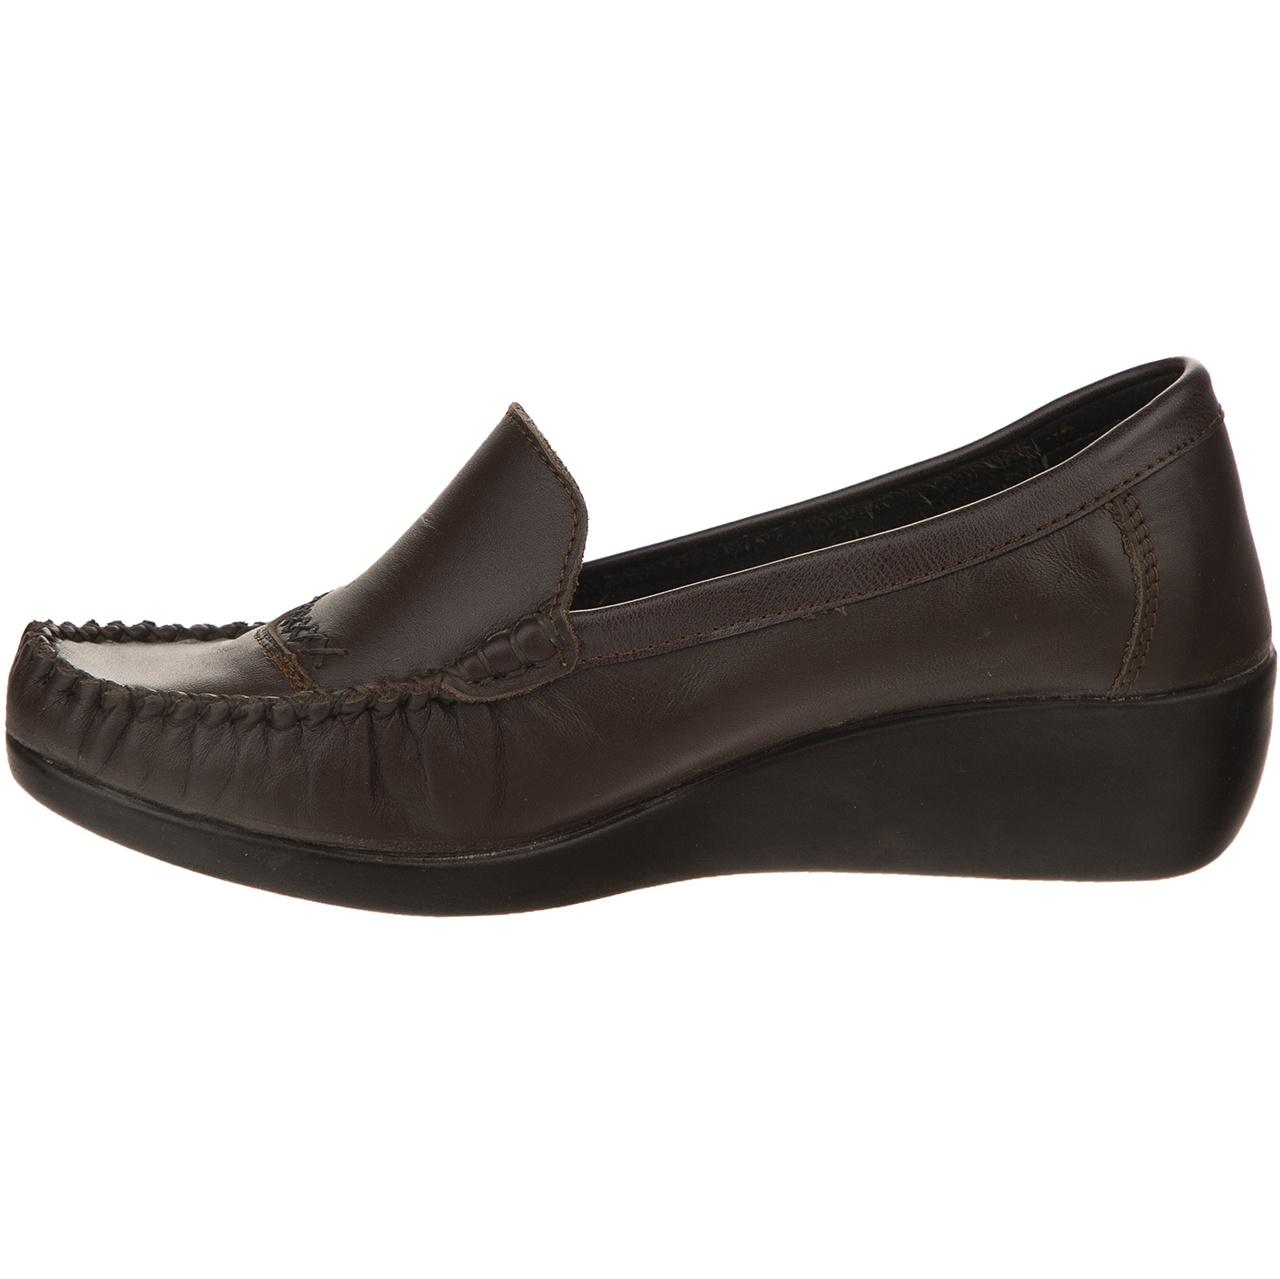 کفش چرم زنانه آفتاب قهوه ای مدل 005